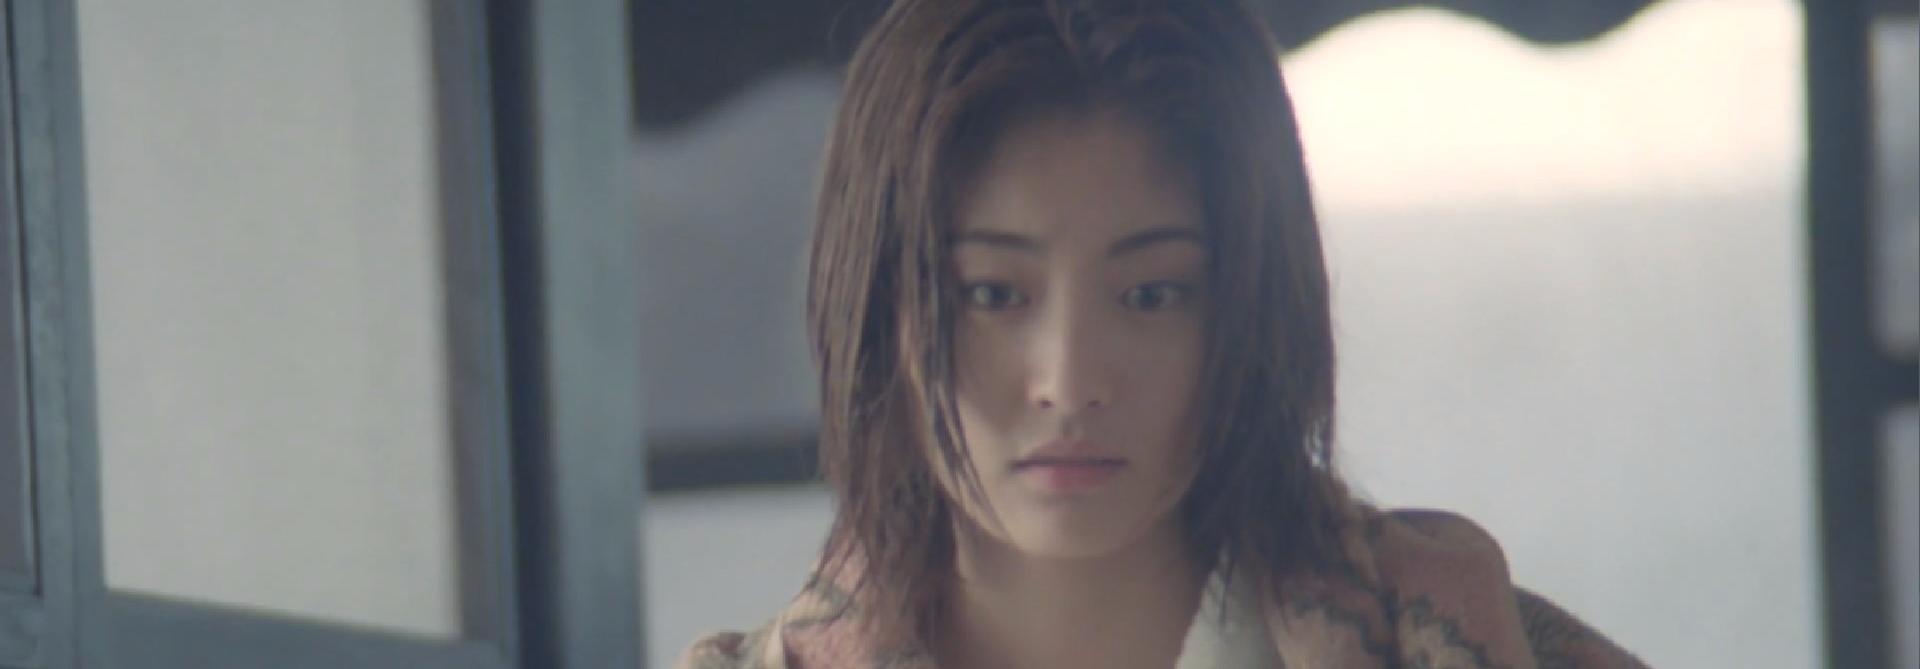 日本女星常盘贵子与张国荣合作跨国爱情故事